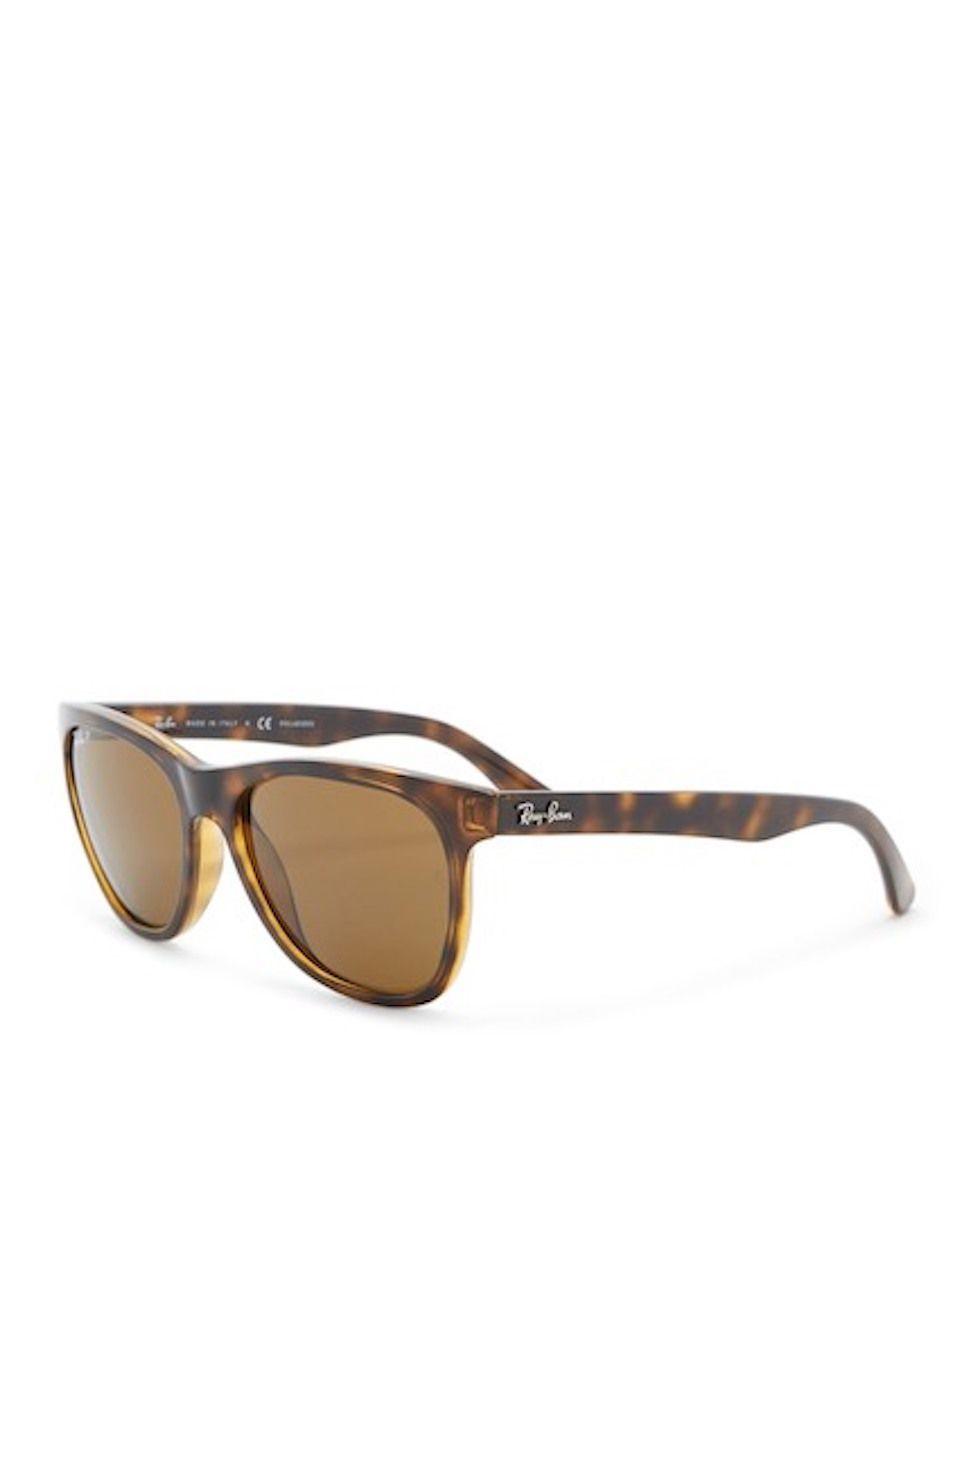 2ef915ffa61a Designer Sunglasses Are Up To 89% Off Right Now | Jaime Escobedo ...